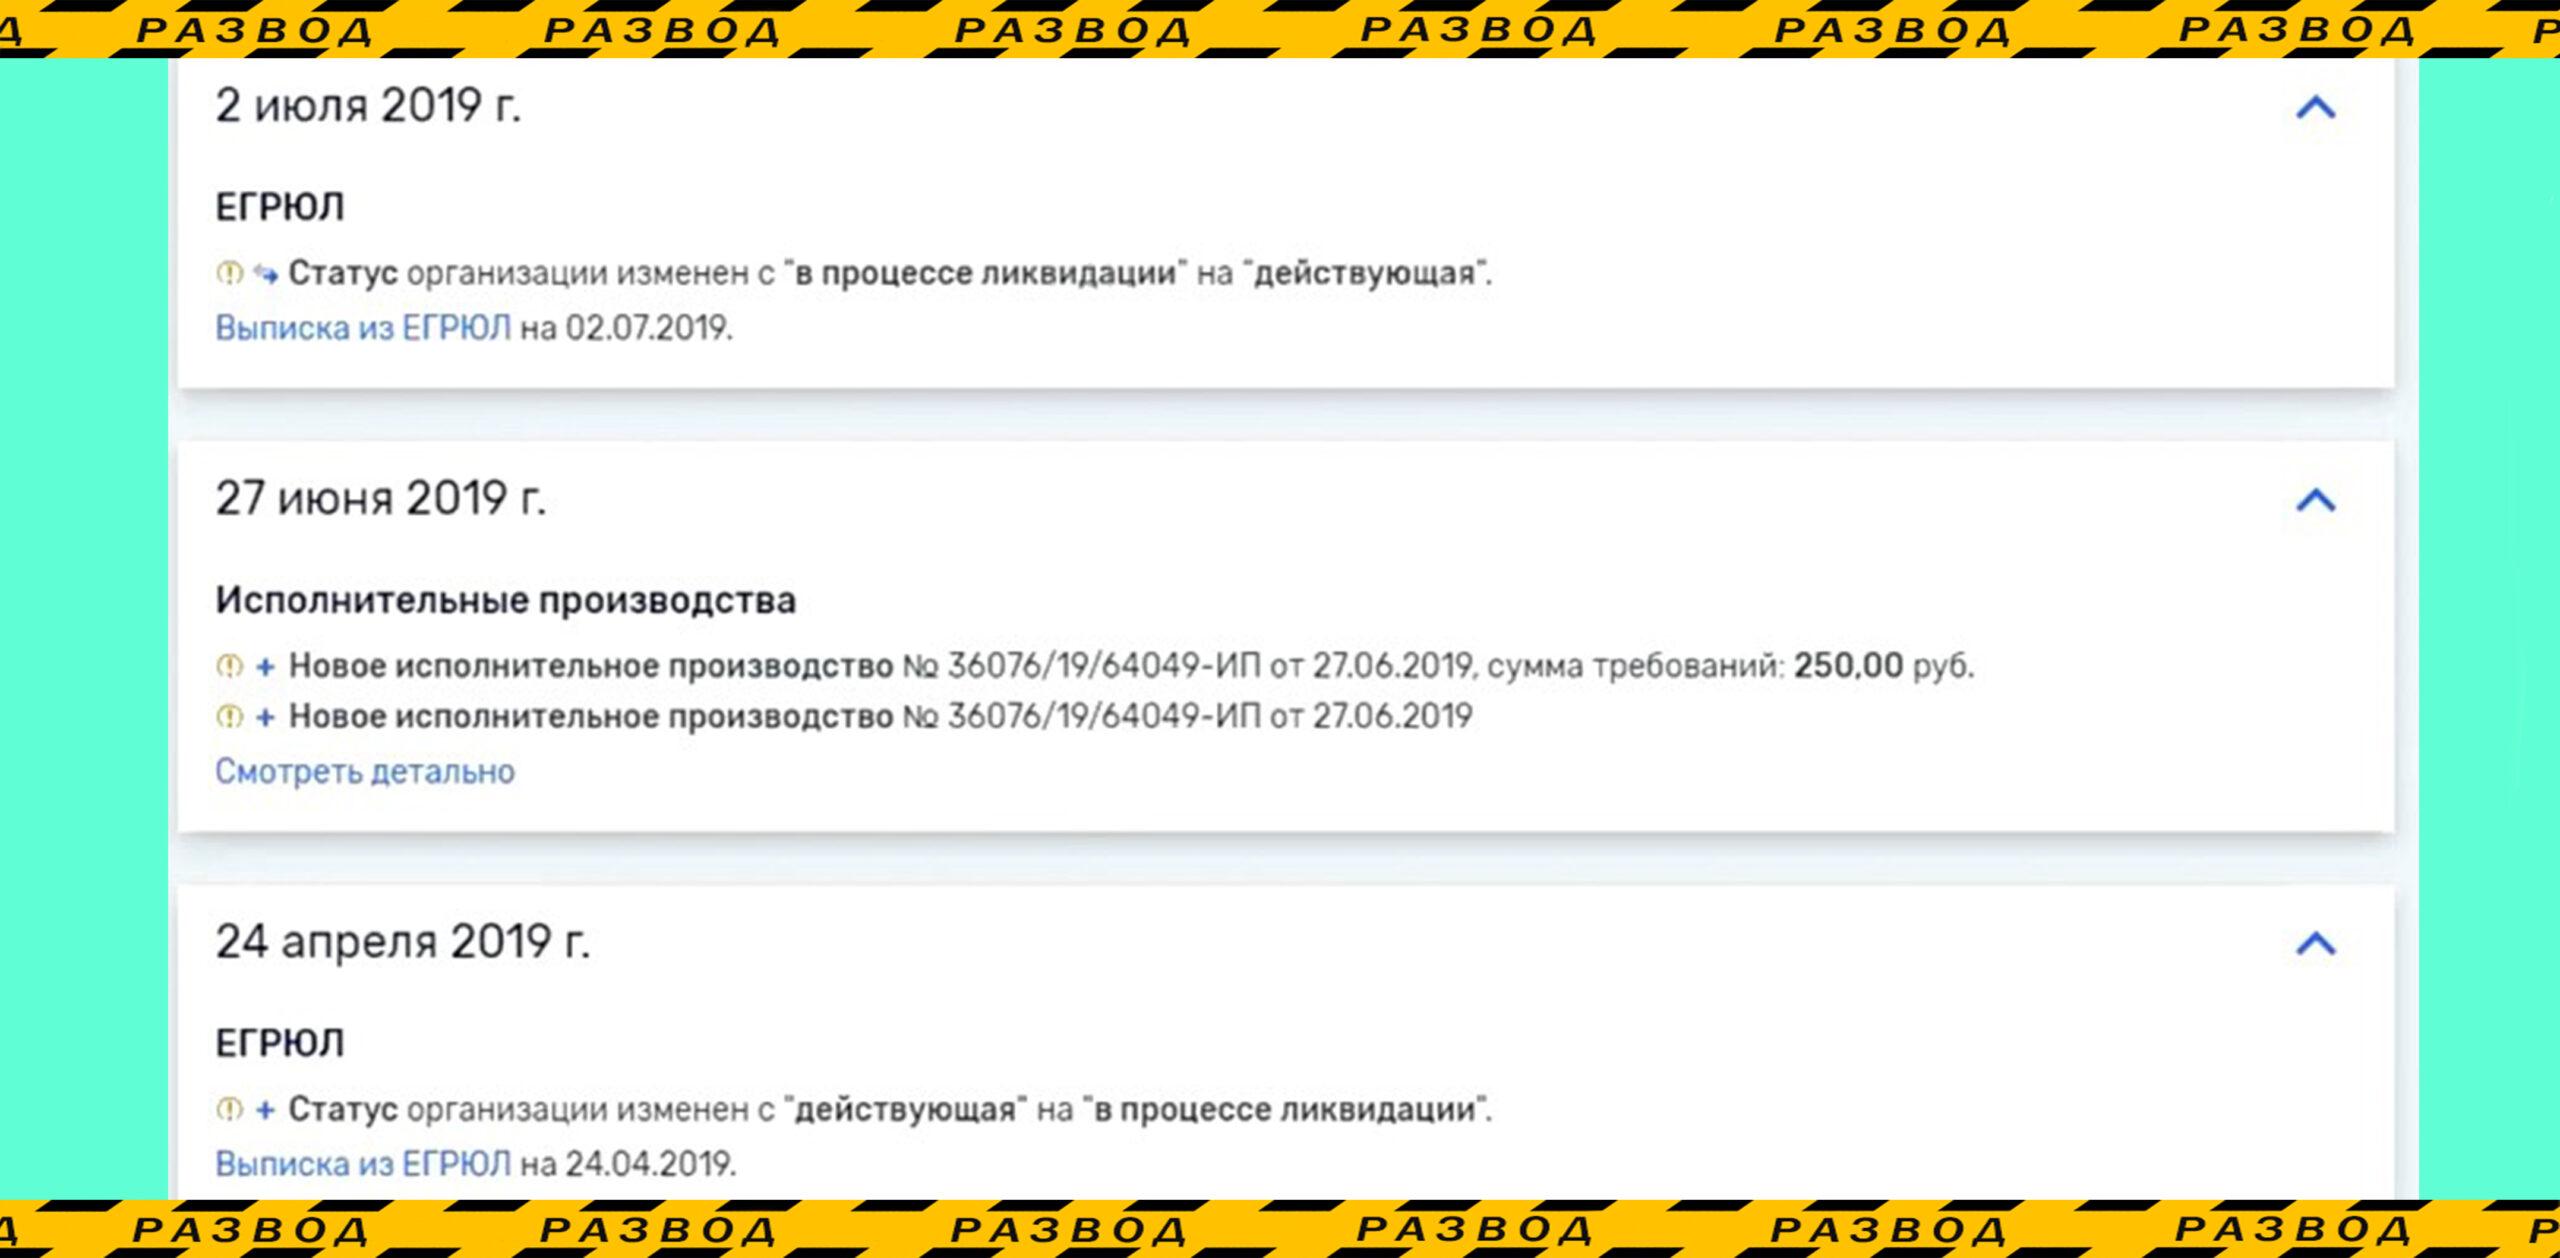 Регестрационные данные компании Юникорн